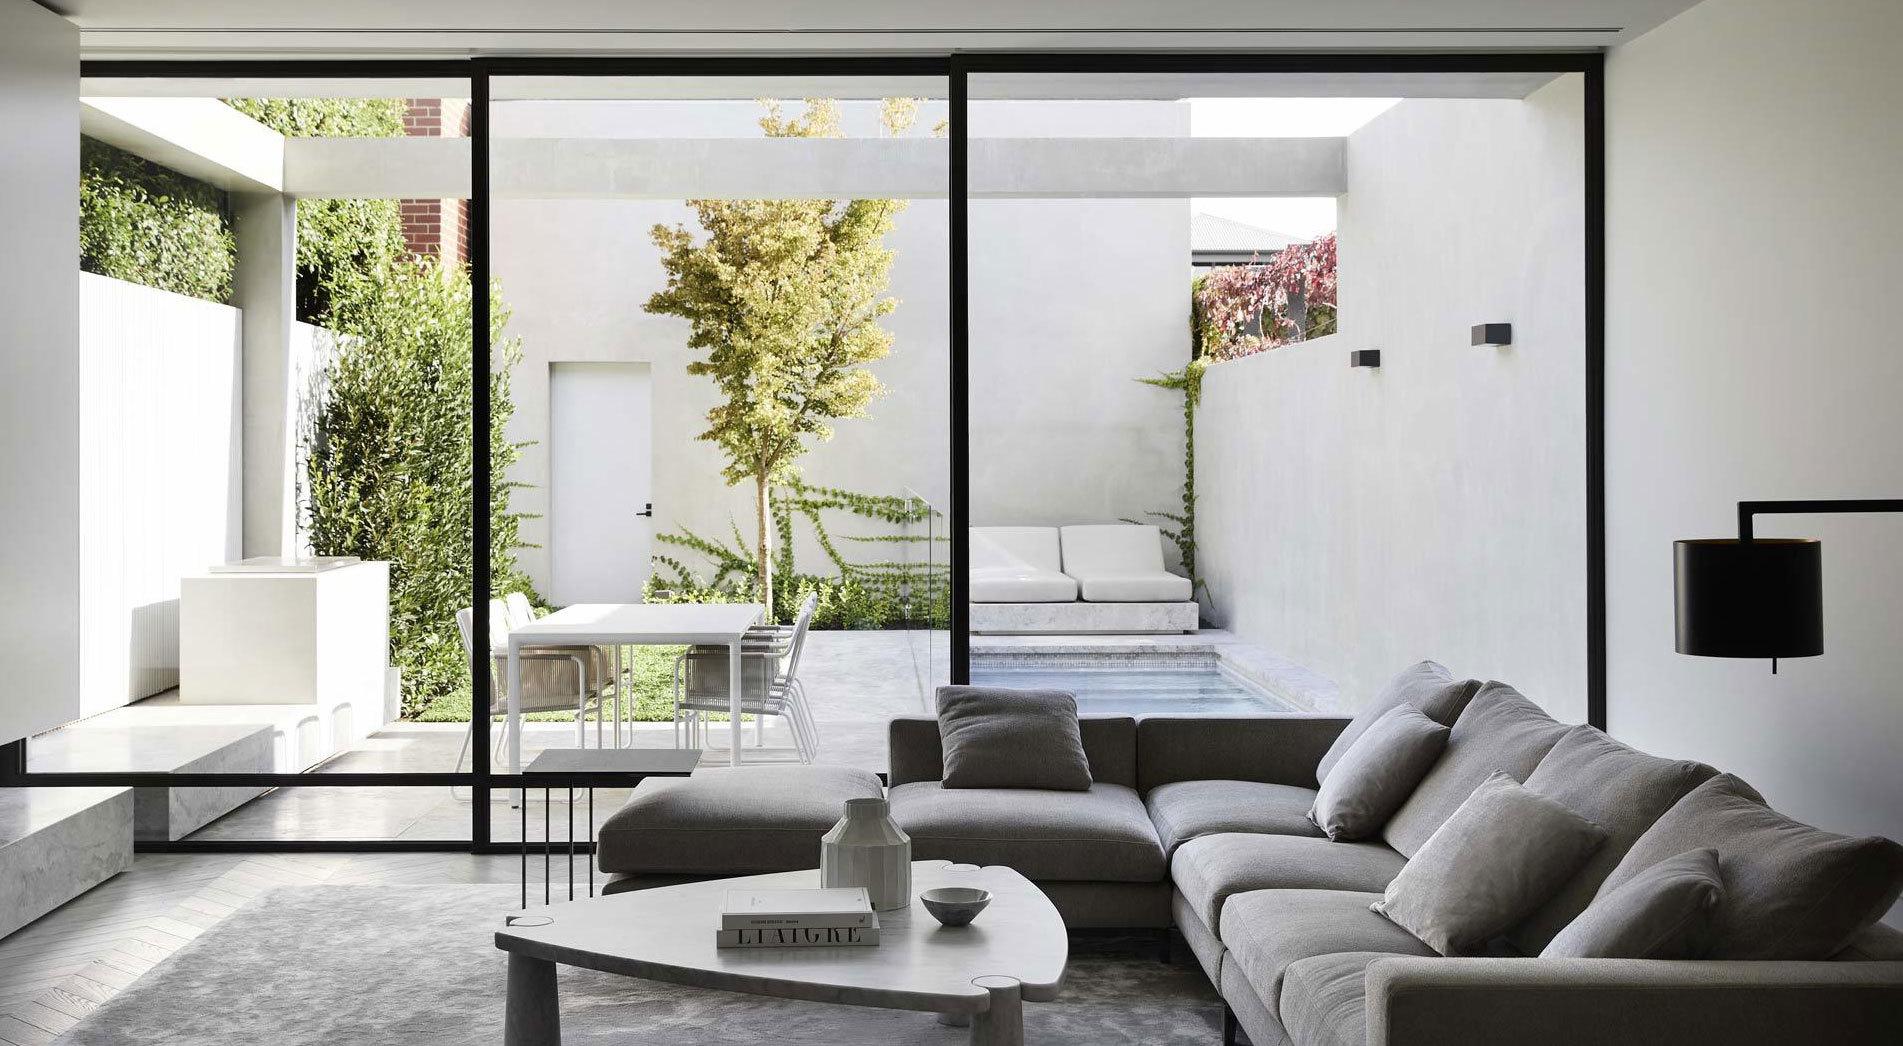 Bei diesem Umbau in Melbourne meisterten Conrad Architects den Balanceakt zwischen Erhalt und Erneuerung. So wurde ein marodes Reihenhaus zum eleganten Familienheim.